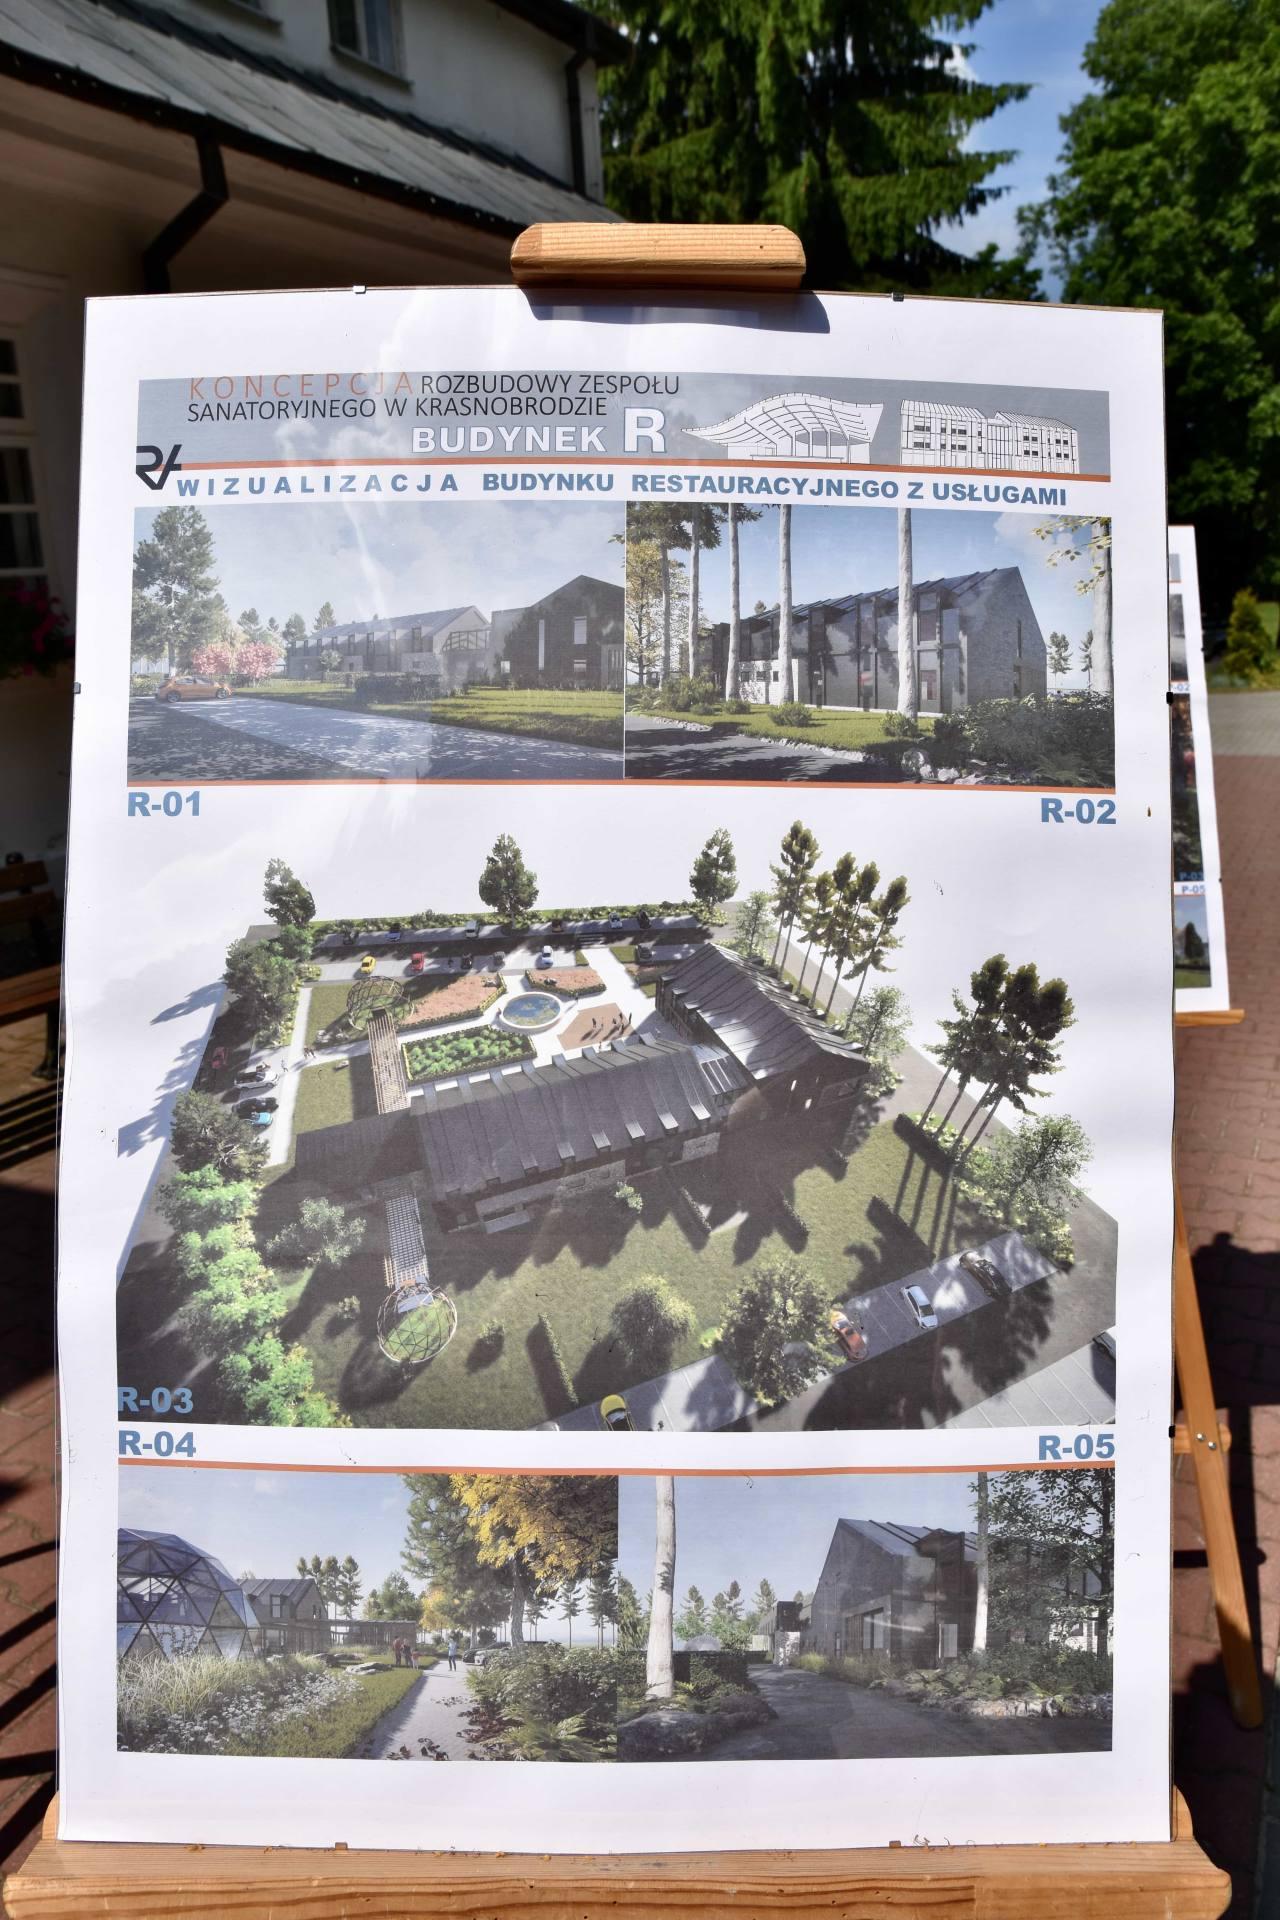 dsc 7385 Za 80 mln zł rozbudowane zostanie sanatorium w Krasnobrodzie.